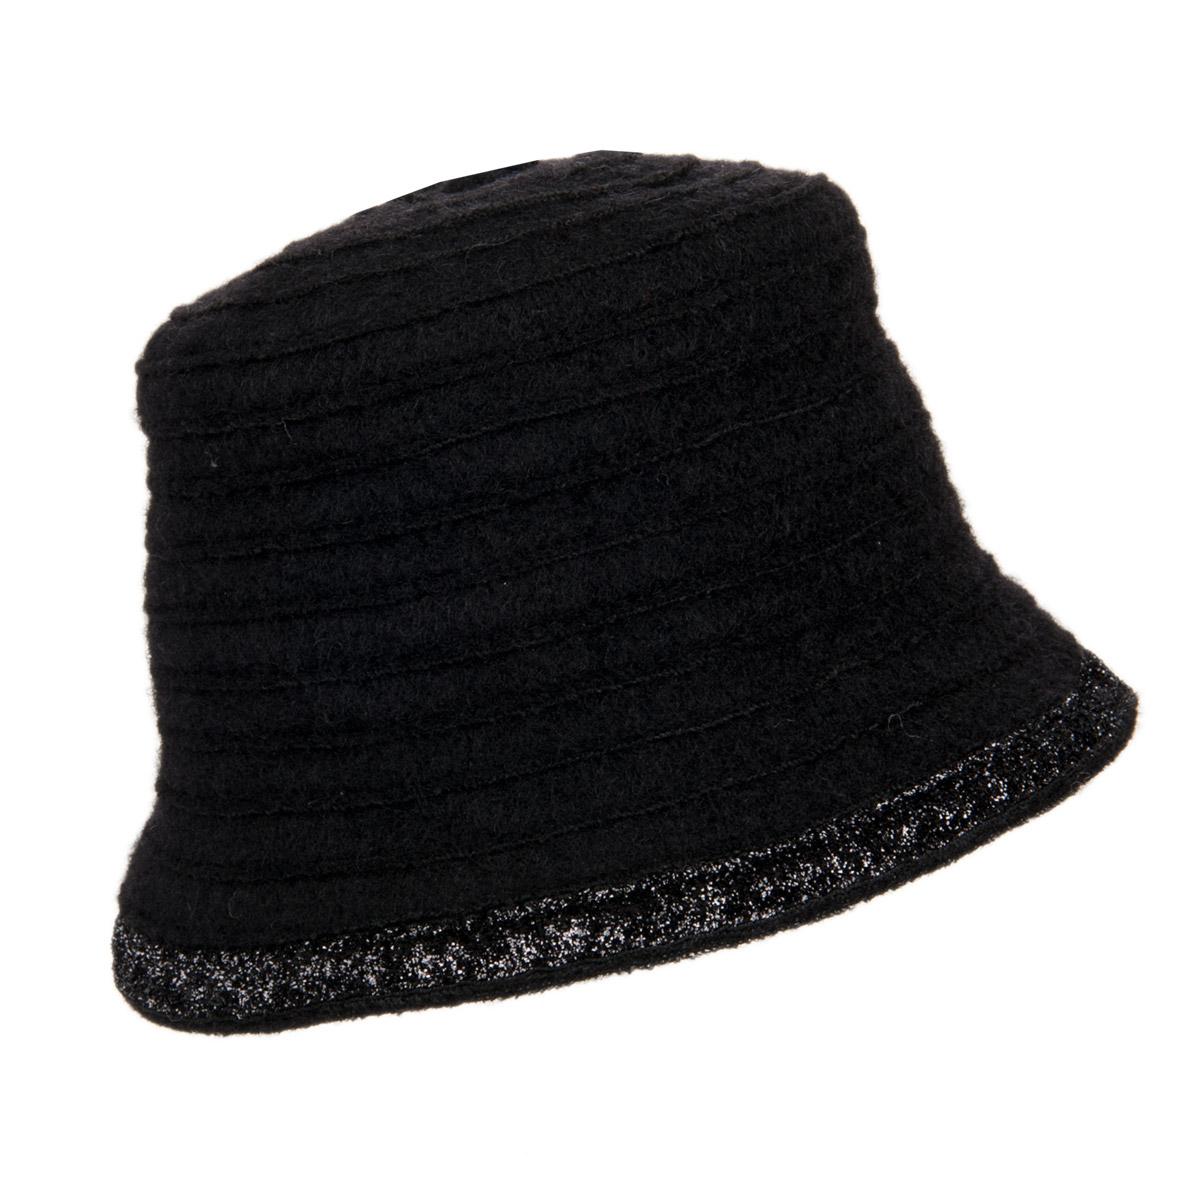 cappello da donna di lana con decorazione lurex 7821e1b90eac